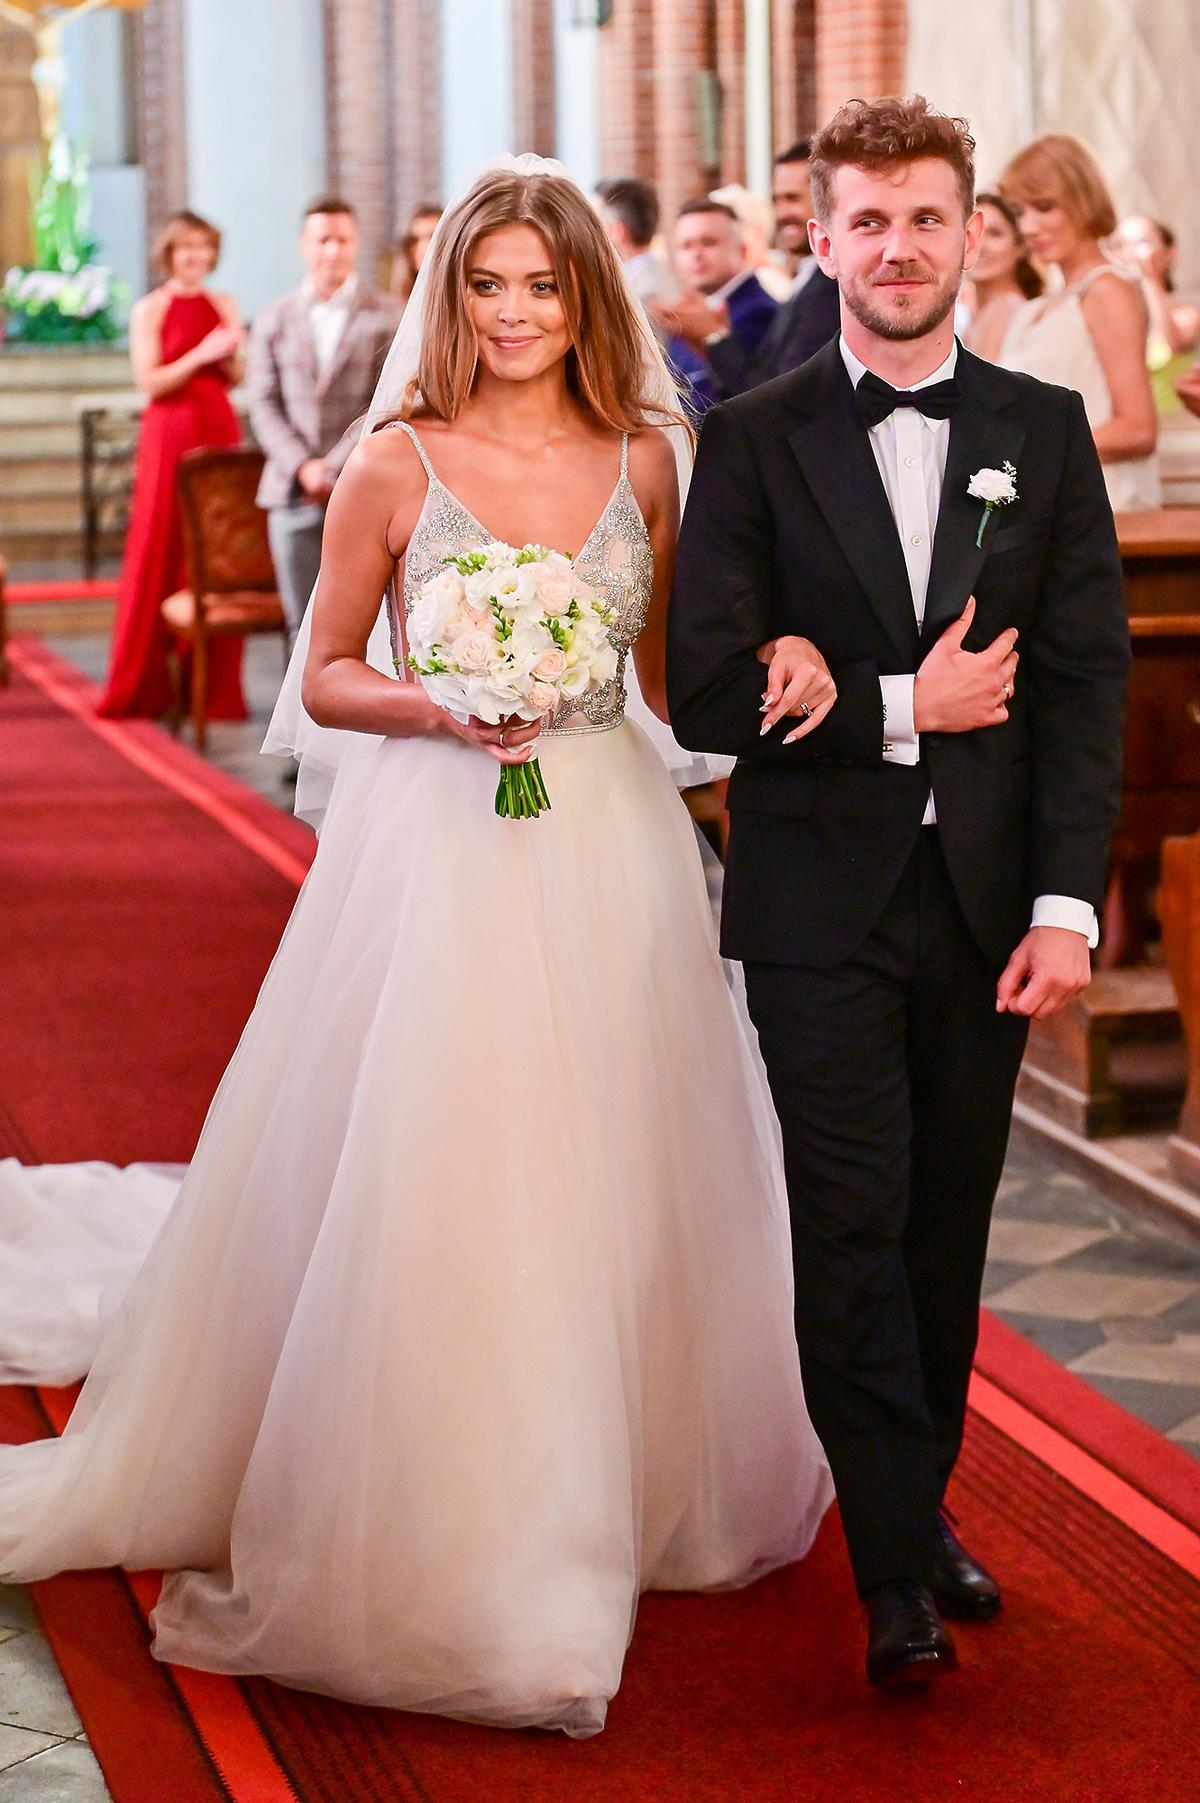 Antoni Królikowski i Joanna Opozda po ślubie wychodzą z kościoła